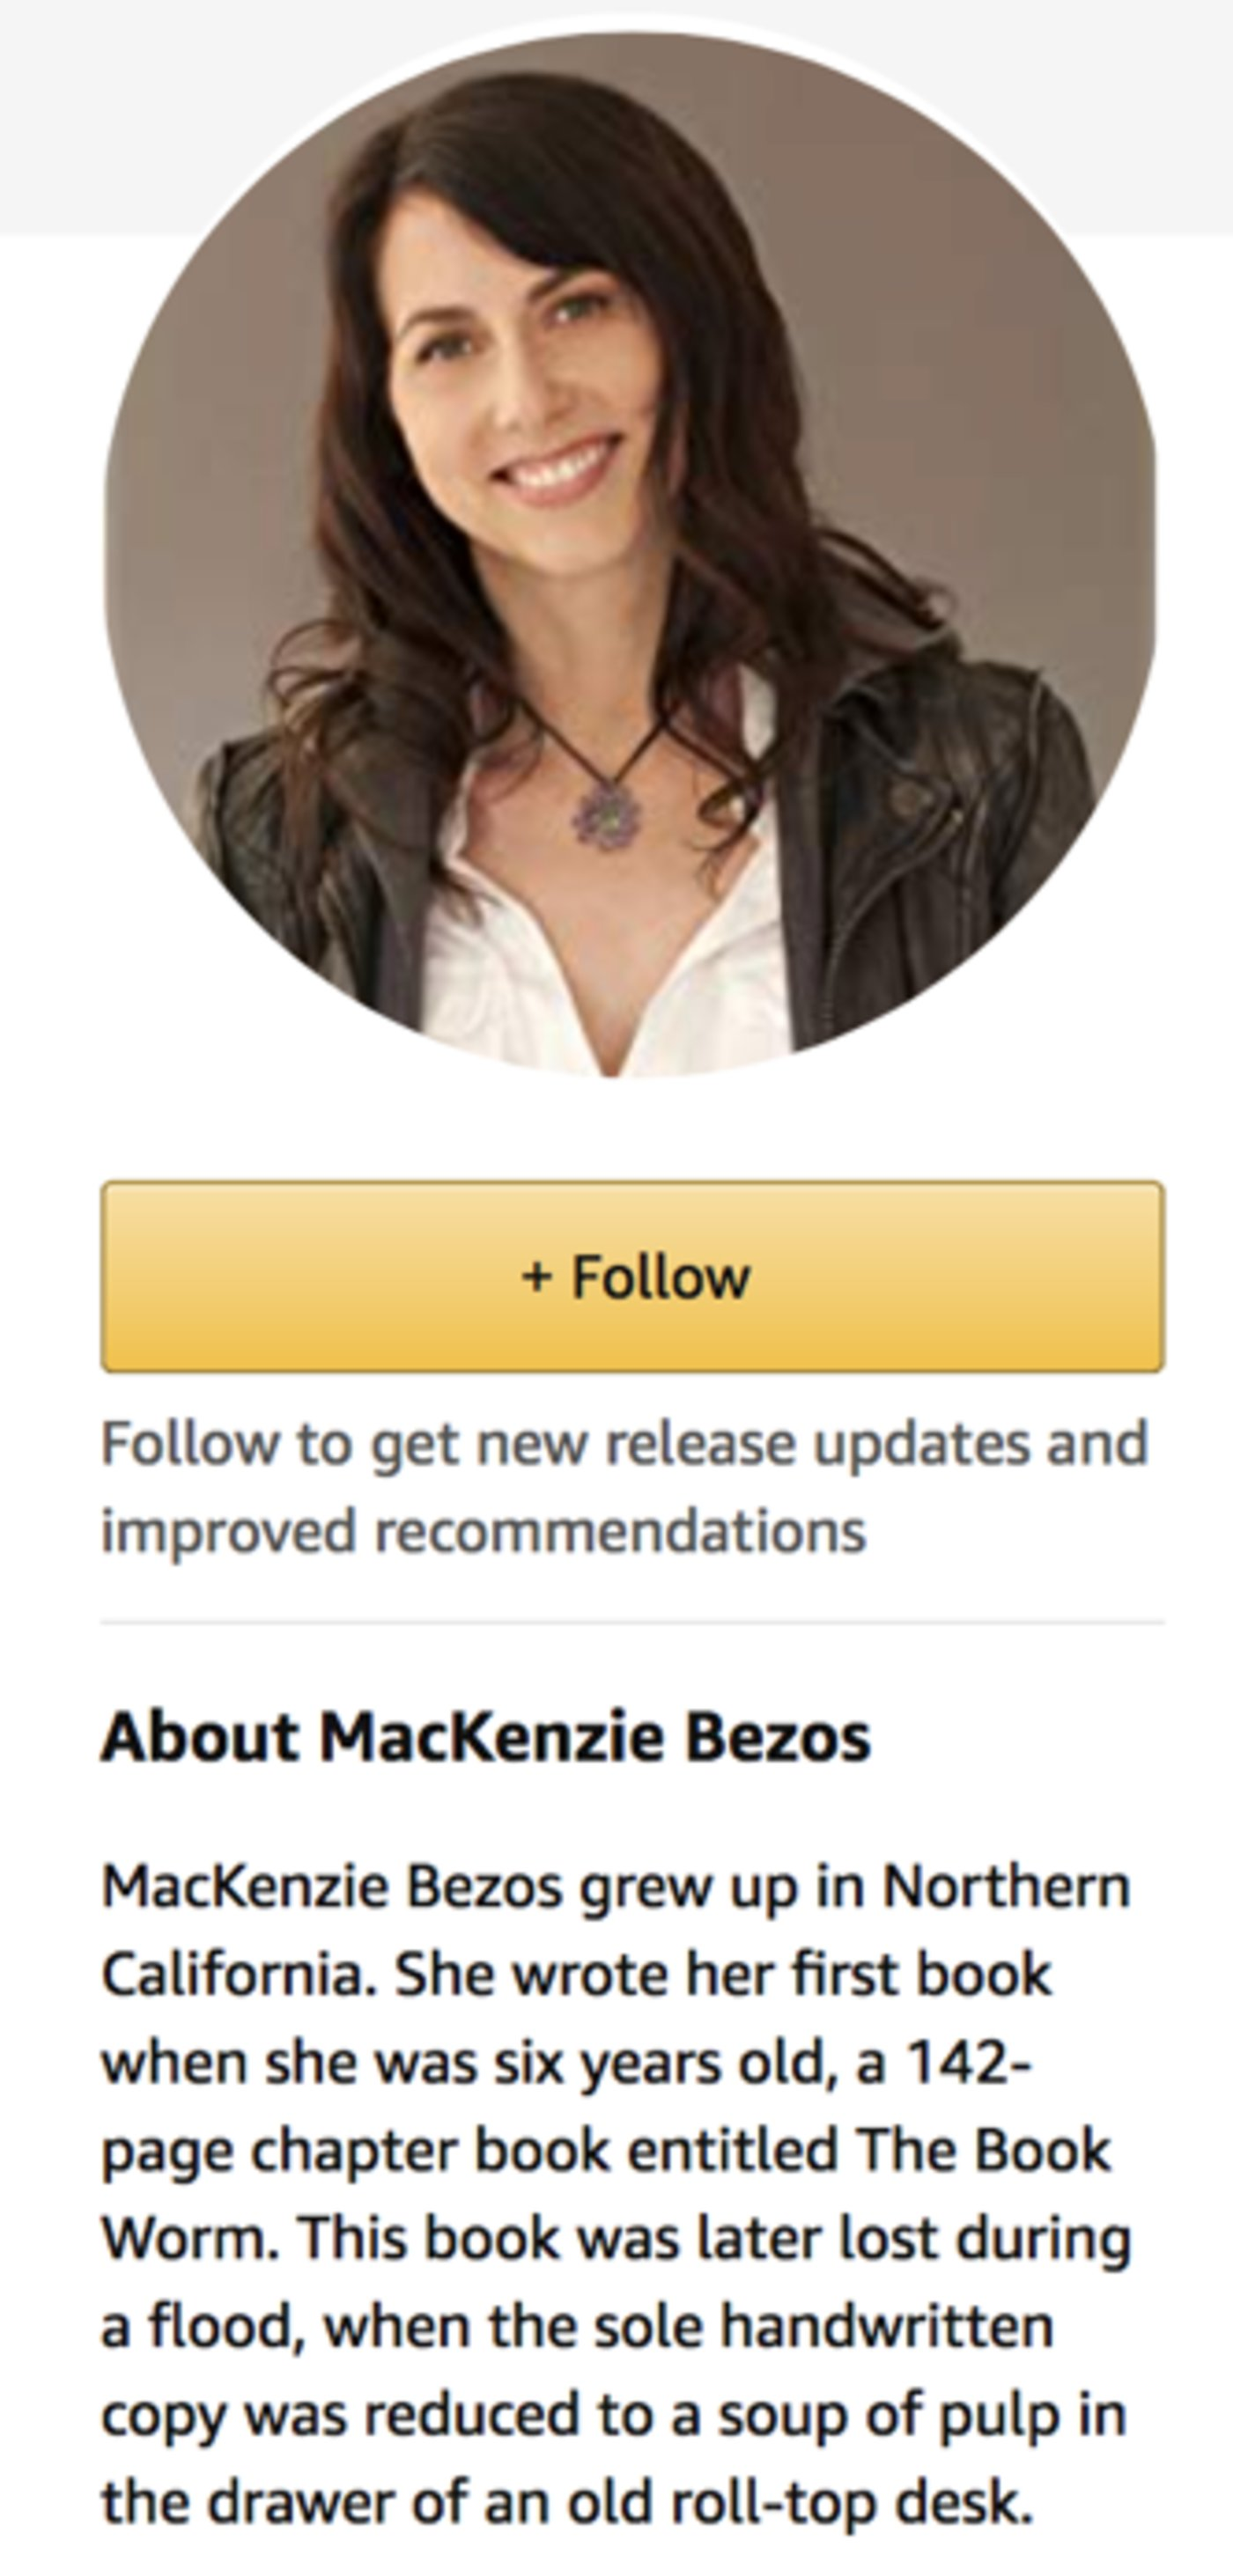 麦肯齐在亚马逊网站的主页